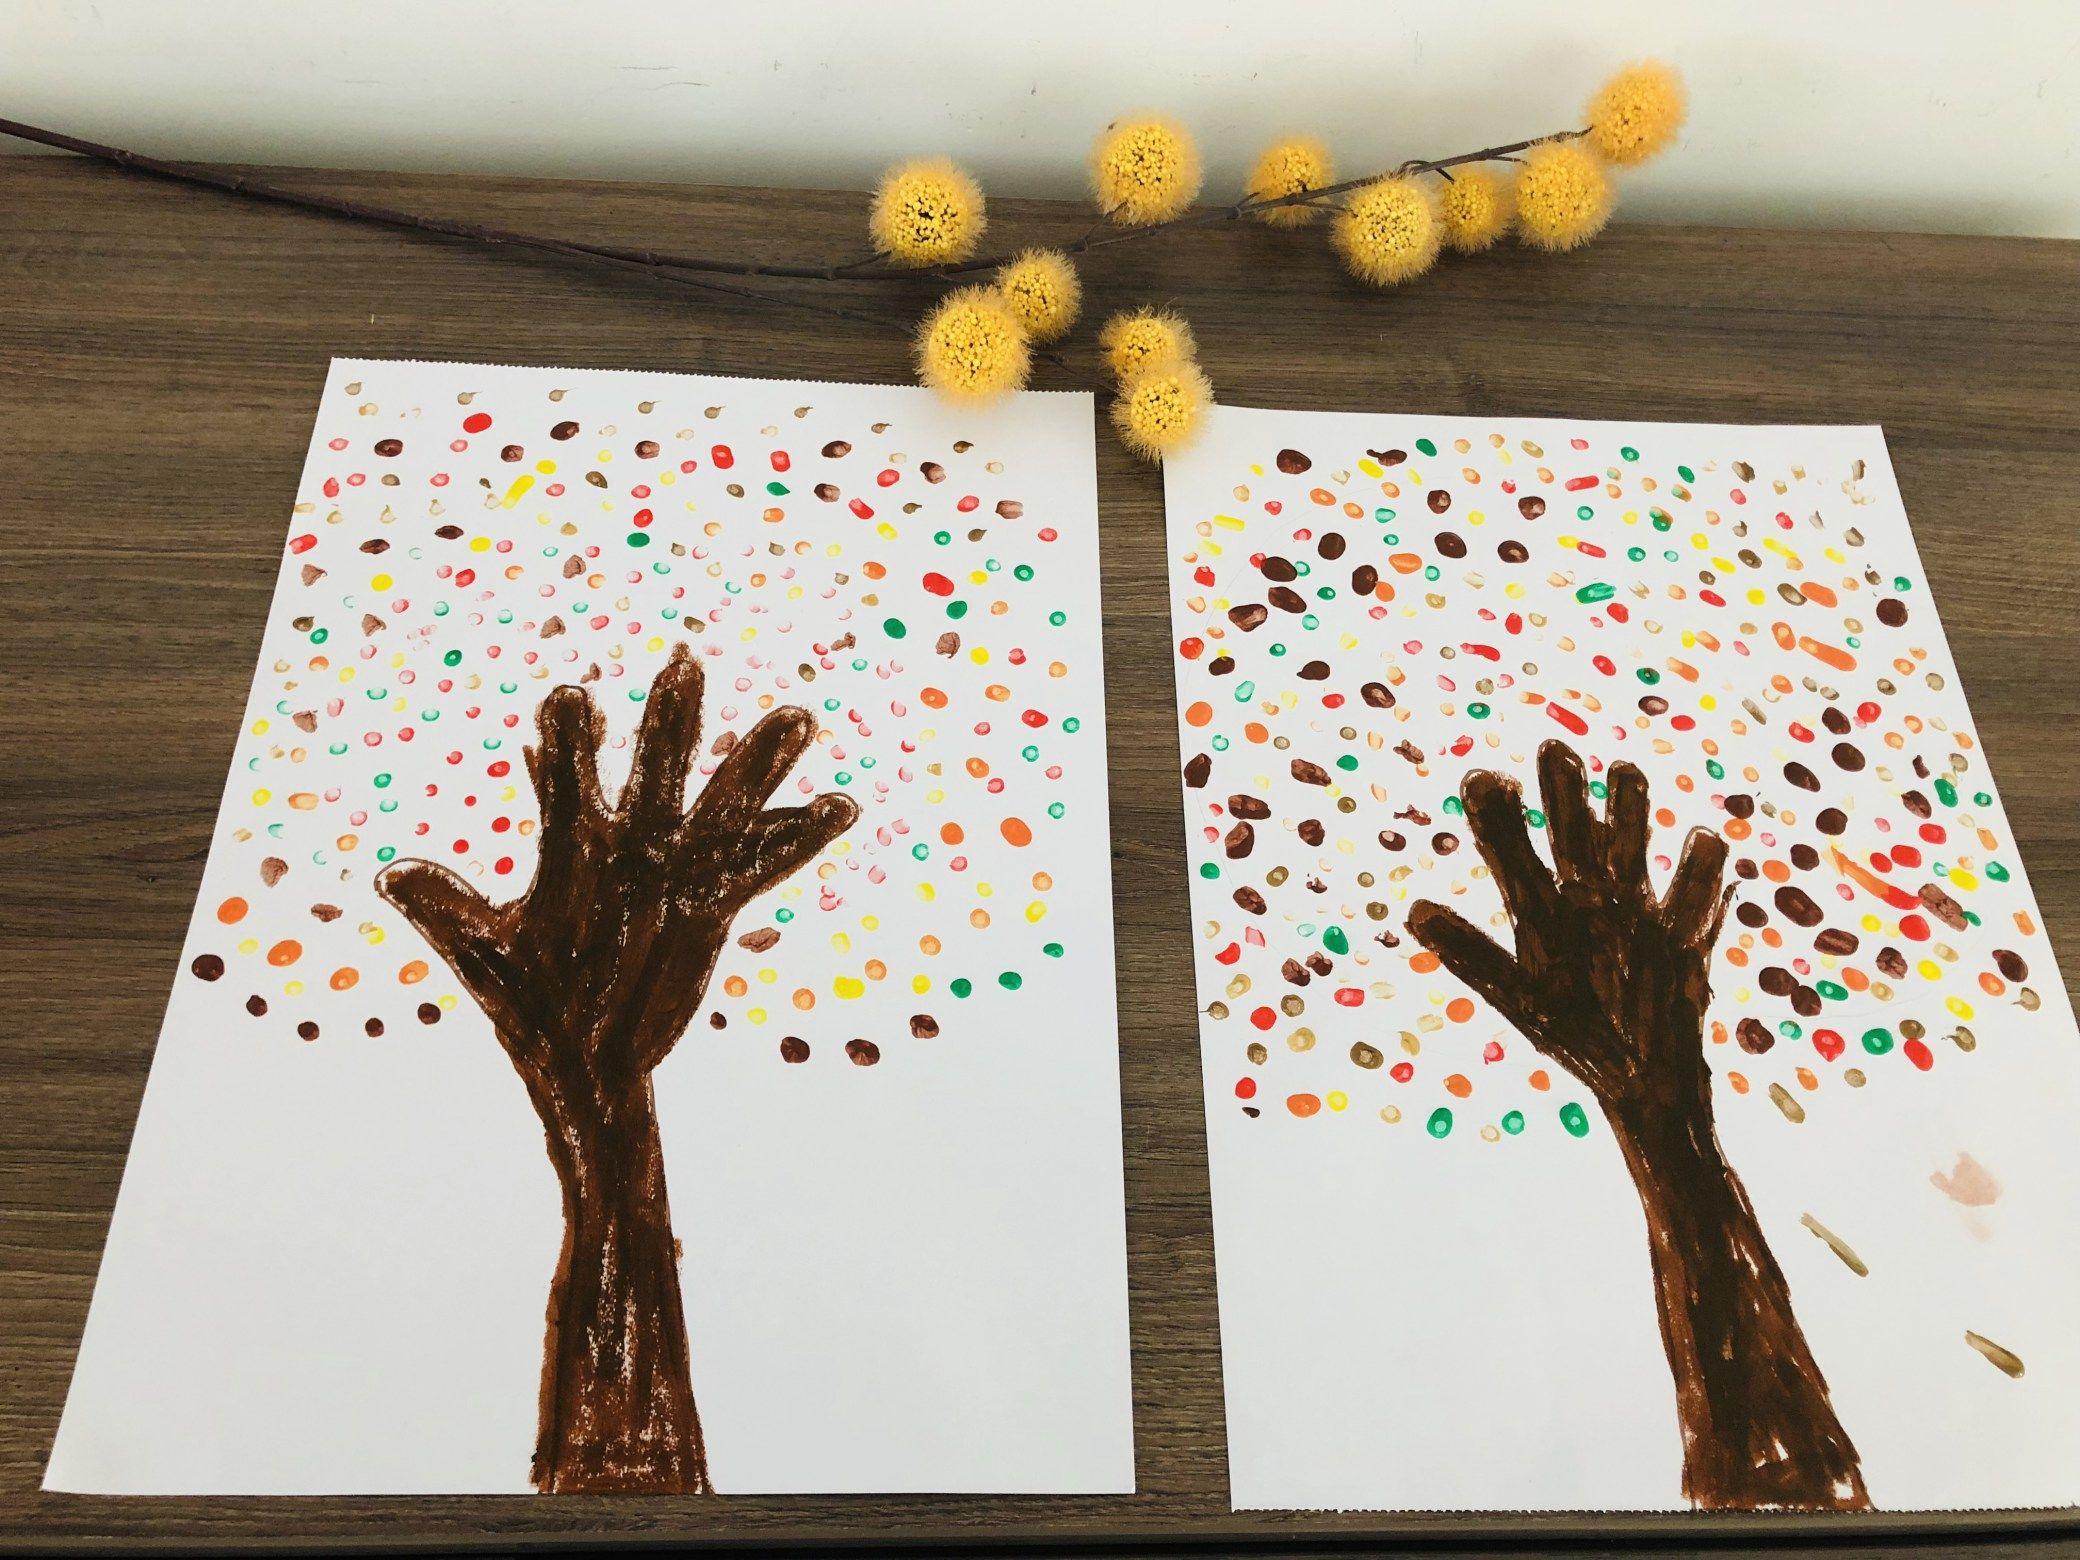 Quatang Gallery- Herfstboom Knutselen Herfst Thema Peuters Herfstactiviteit Knutsel Ideeen 4 Herfst Knutselen Herfst Knutselen Kinderen Herfst Bomen